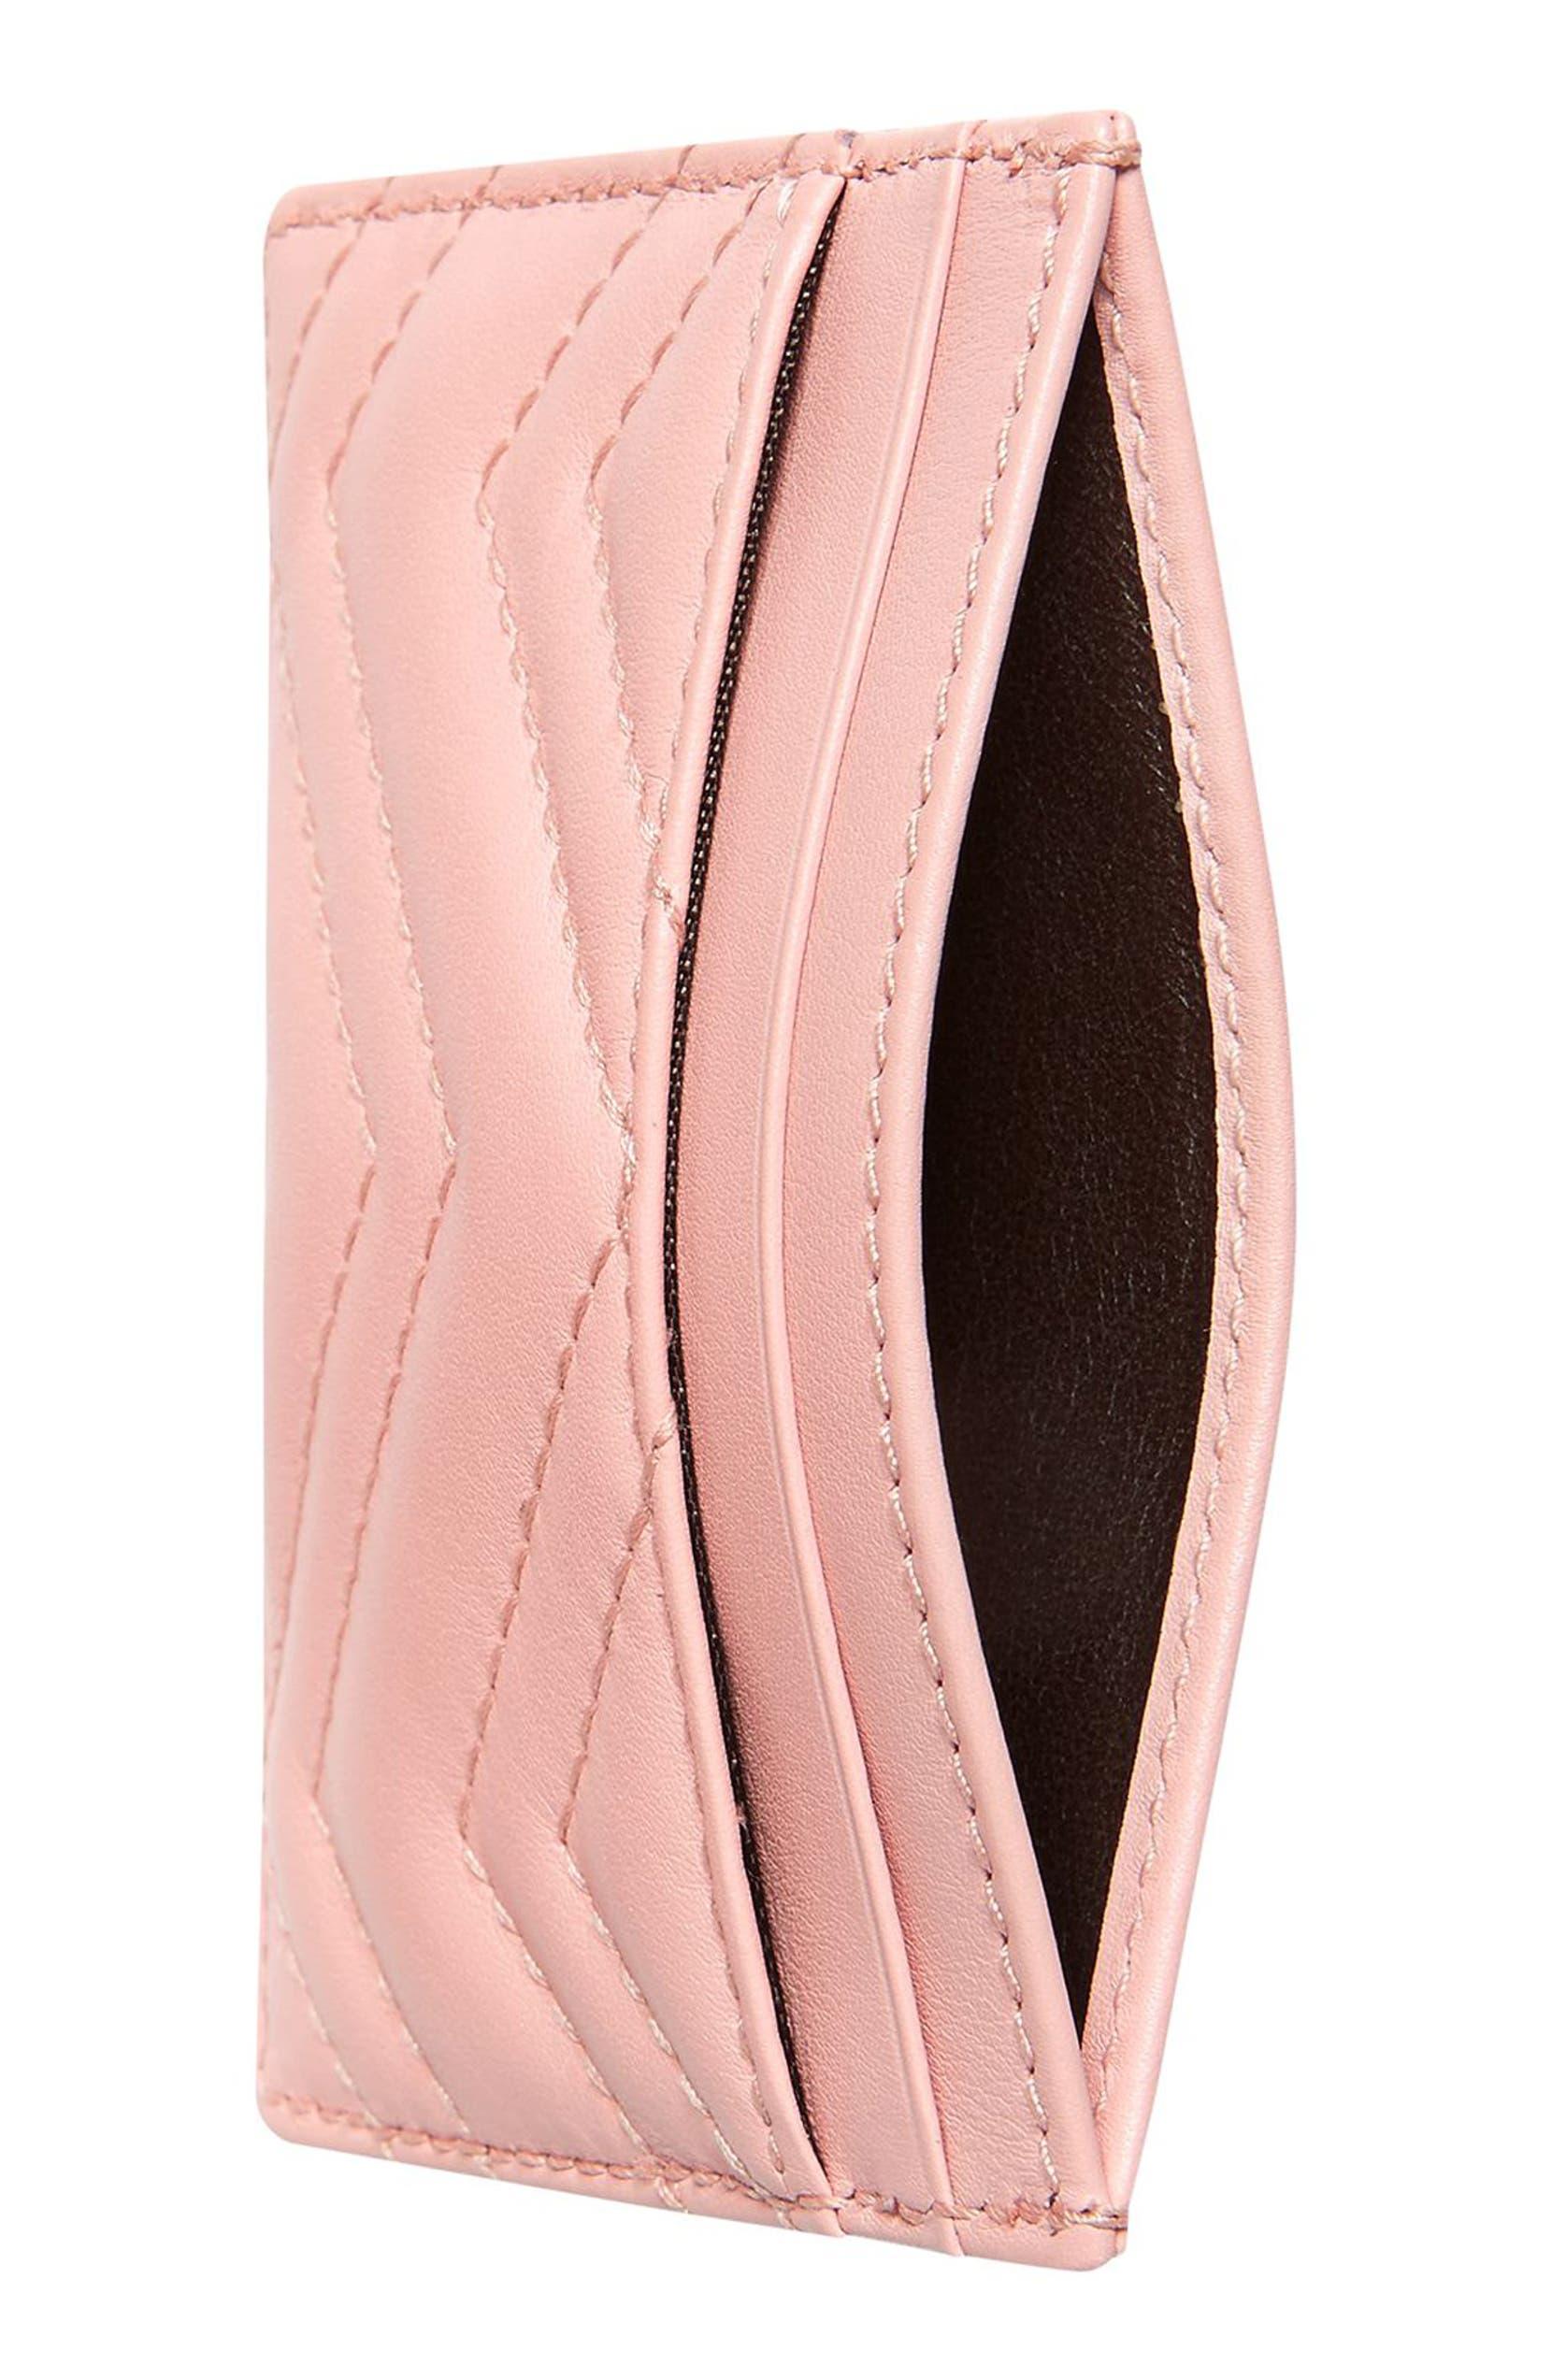 low priced 09a9a 4e8d5 GG Marmont Matelassé Leather Card Case